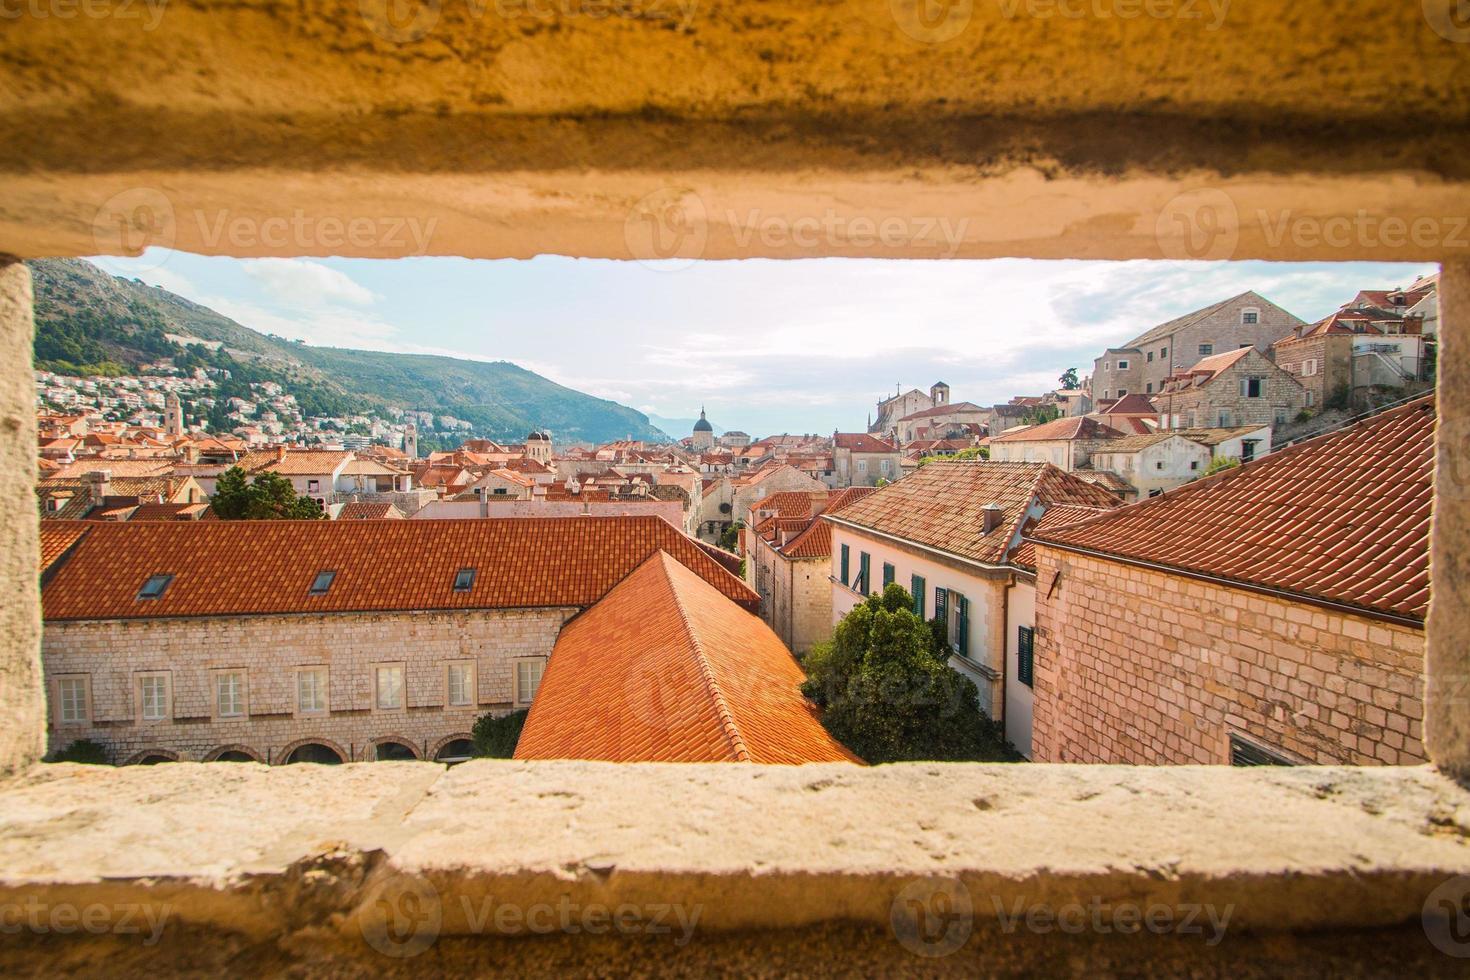 Dubrovnik, Croacia, panorama a través del agujero de la pared foto